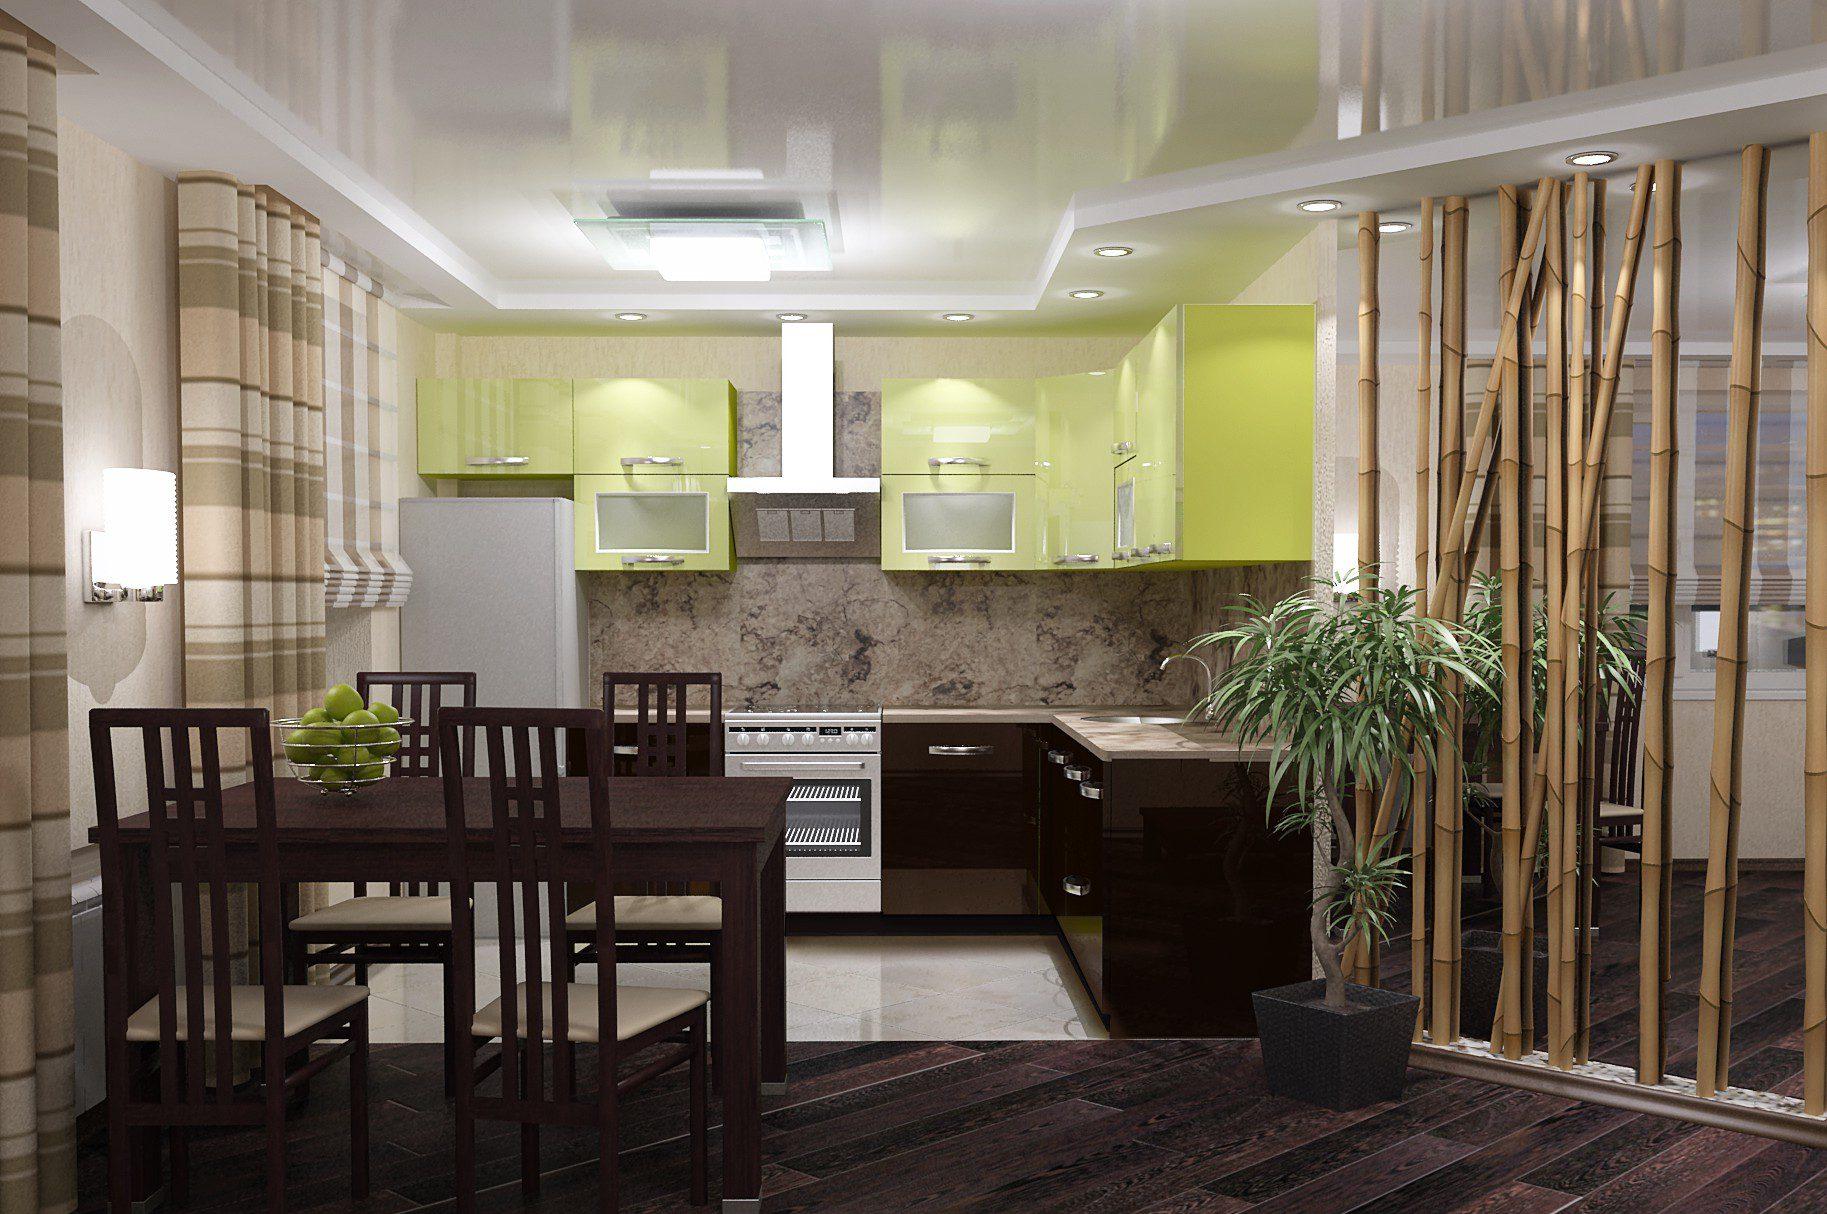 Дизайн кухни в китайском стиле: правила оформления, фото примеры с описанием